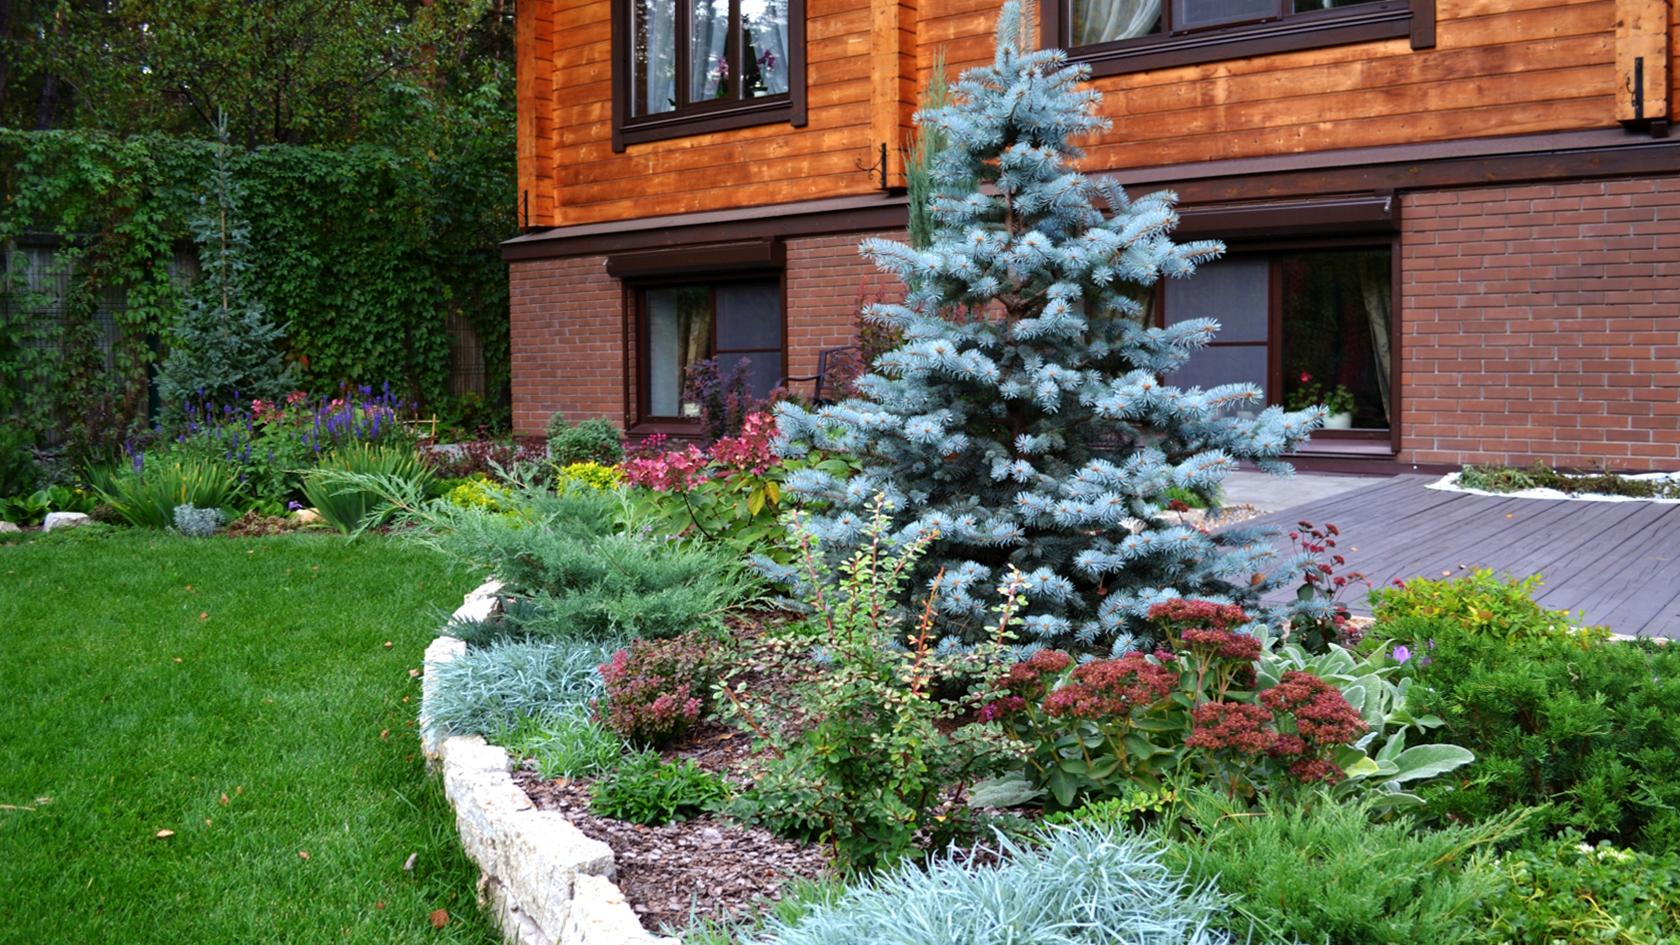 ель, растения, клумбы, дом